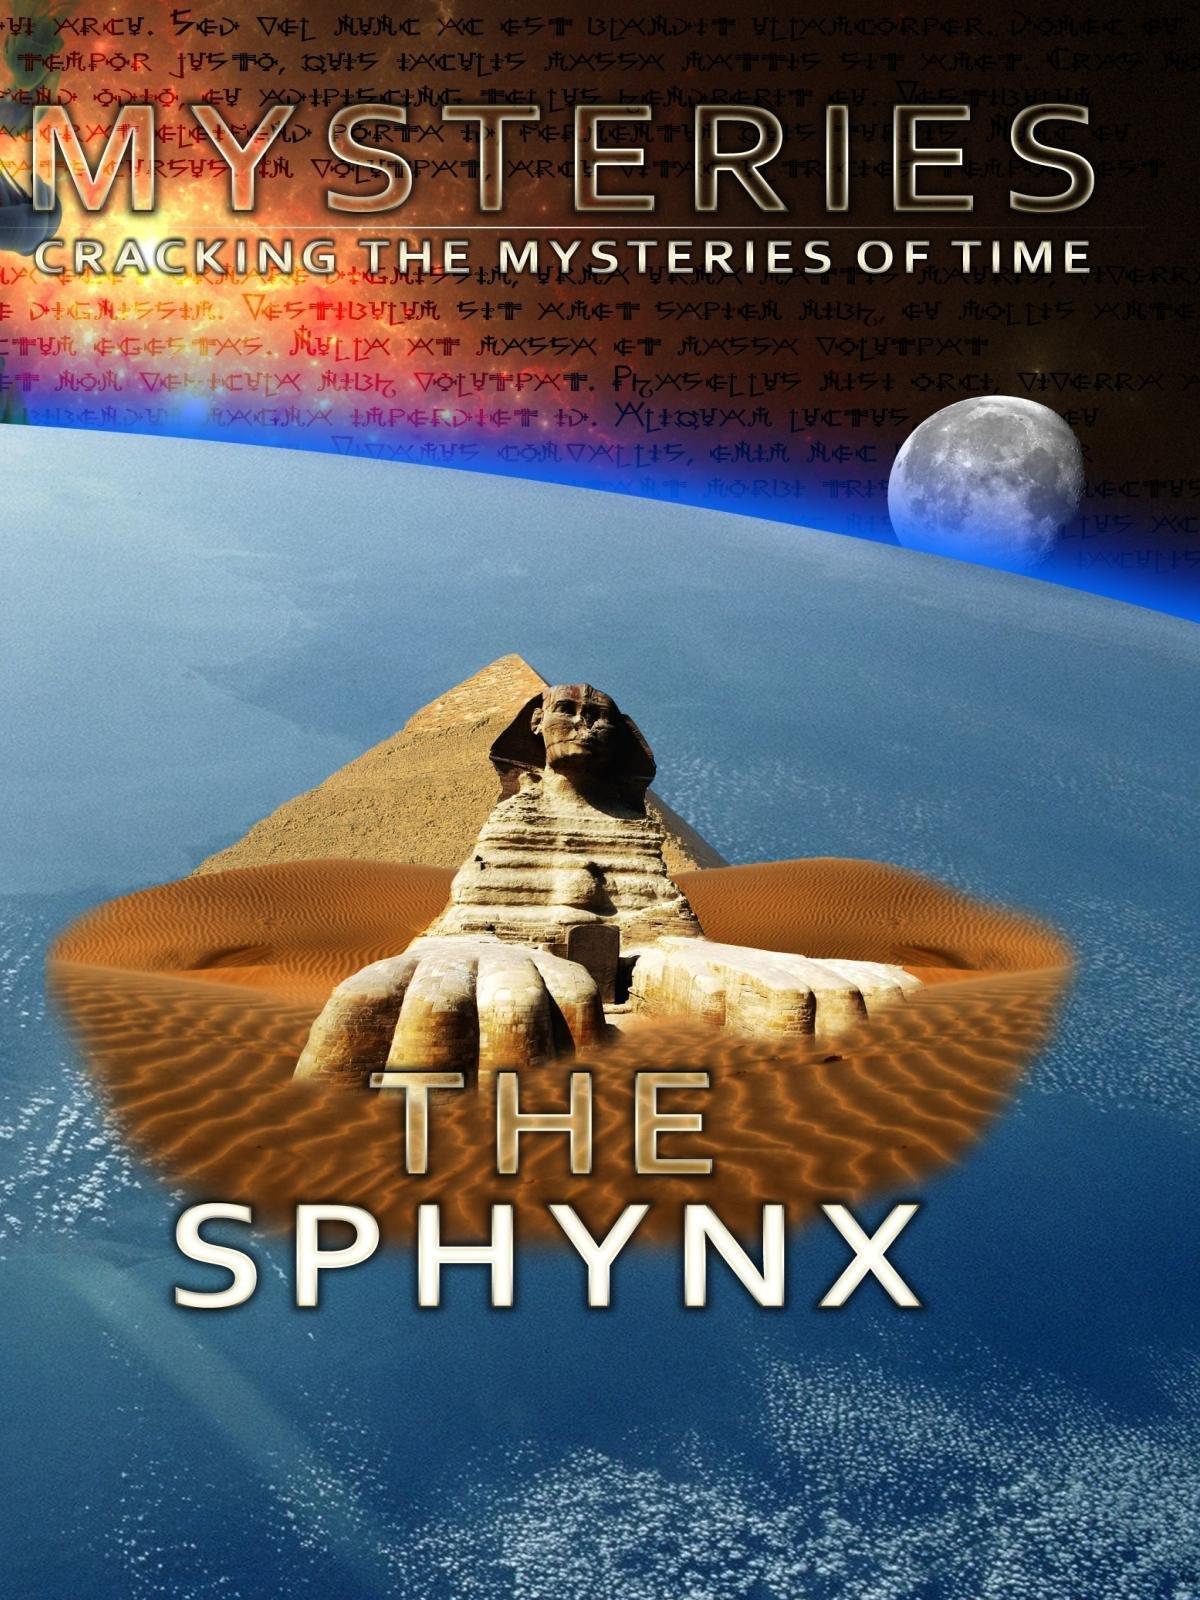 Mysteries Sphinx on Amazon Prime Video UK